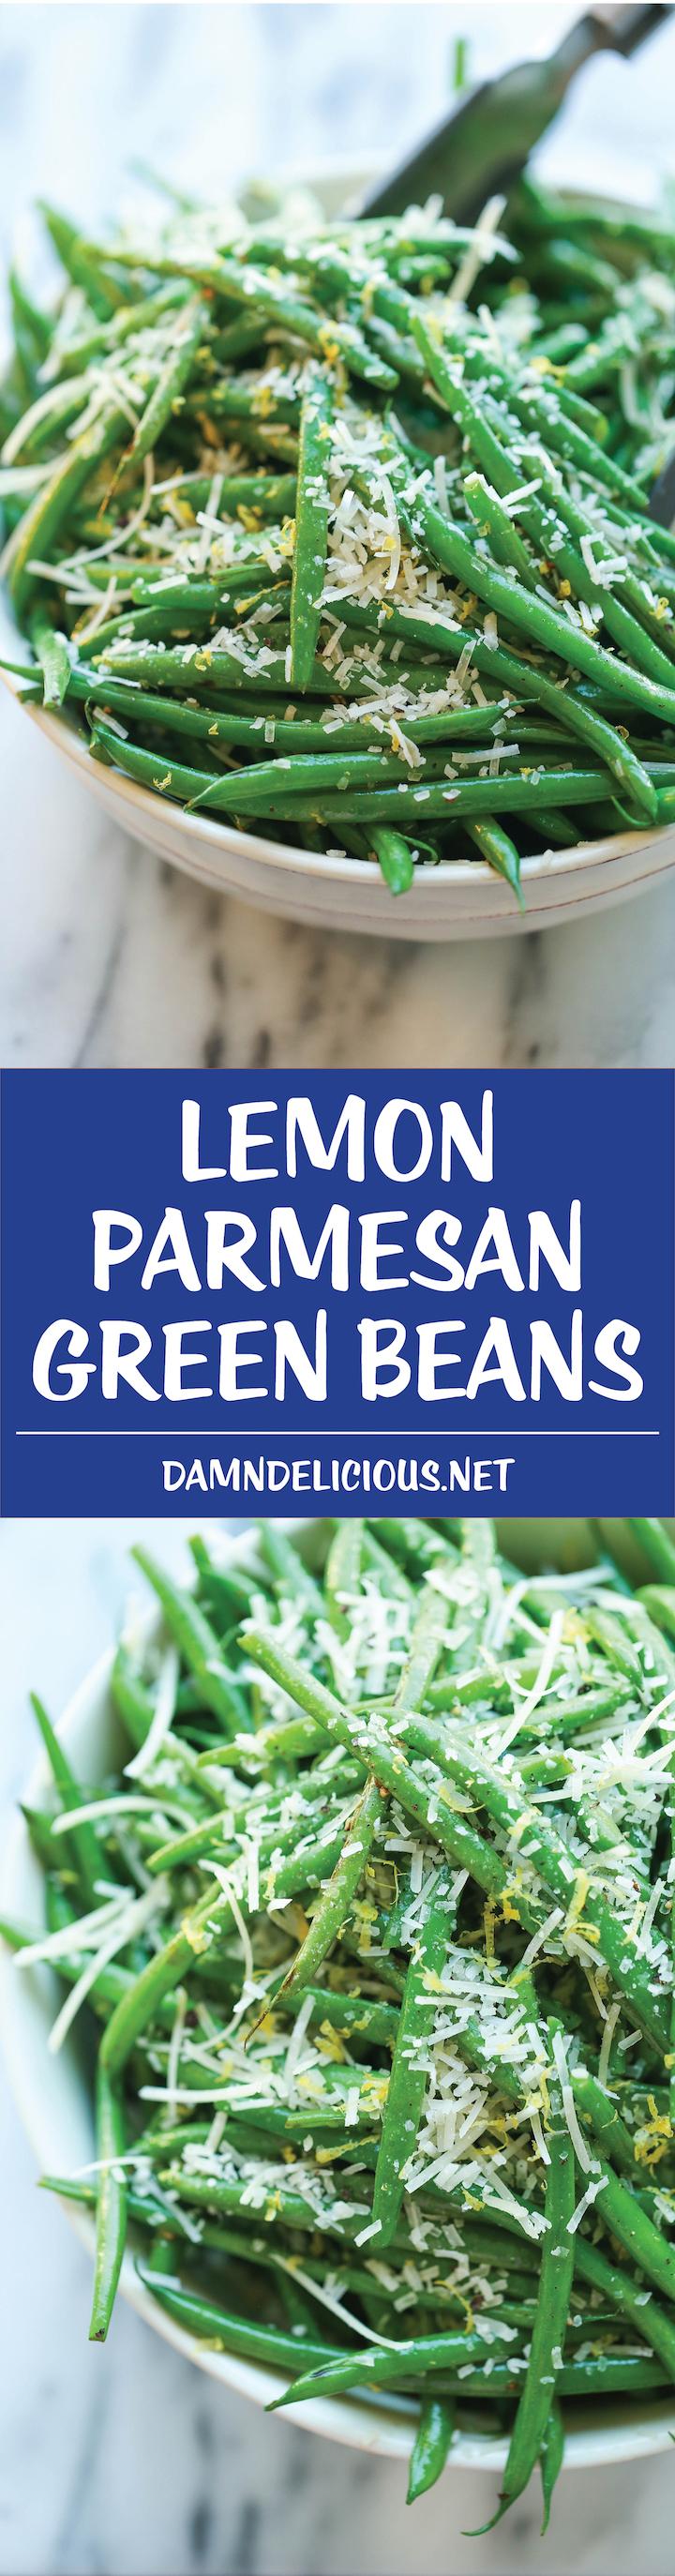 parmesan green beans lemon parmesan parmesan cheese skillet green ...